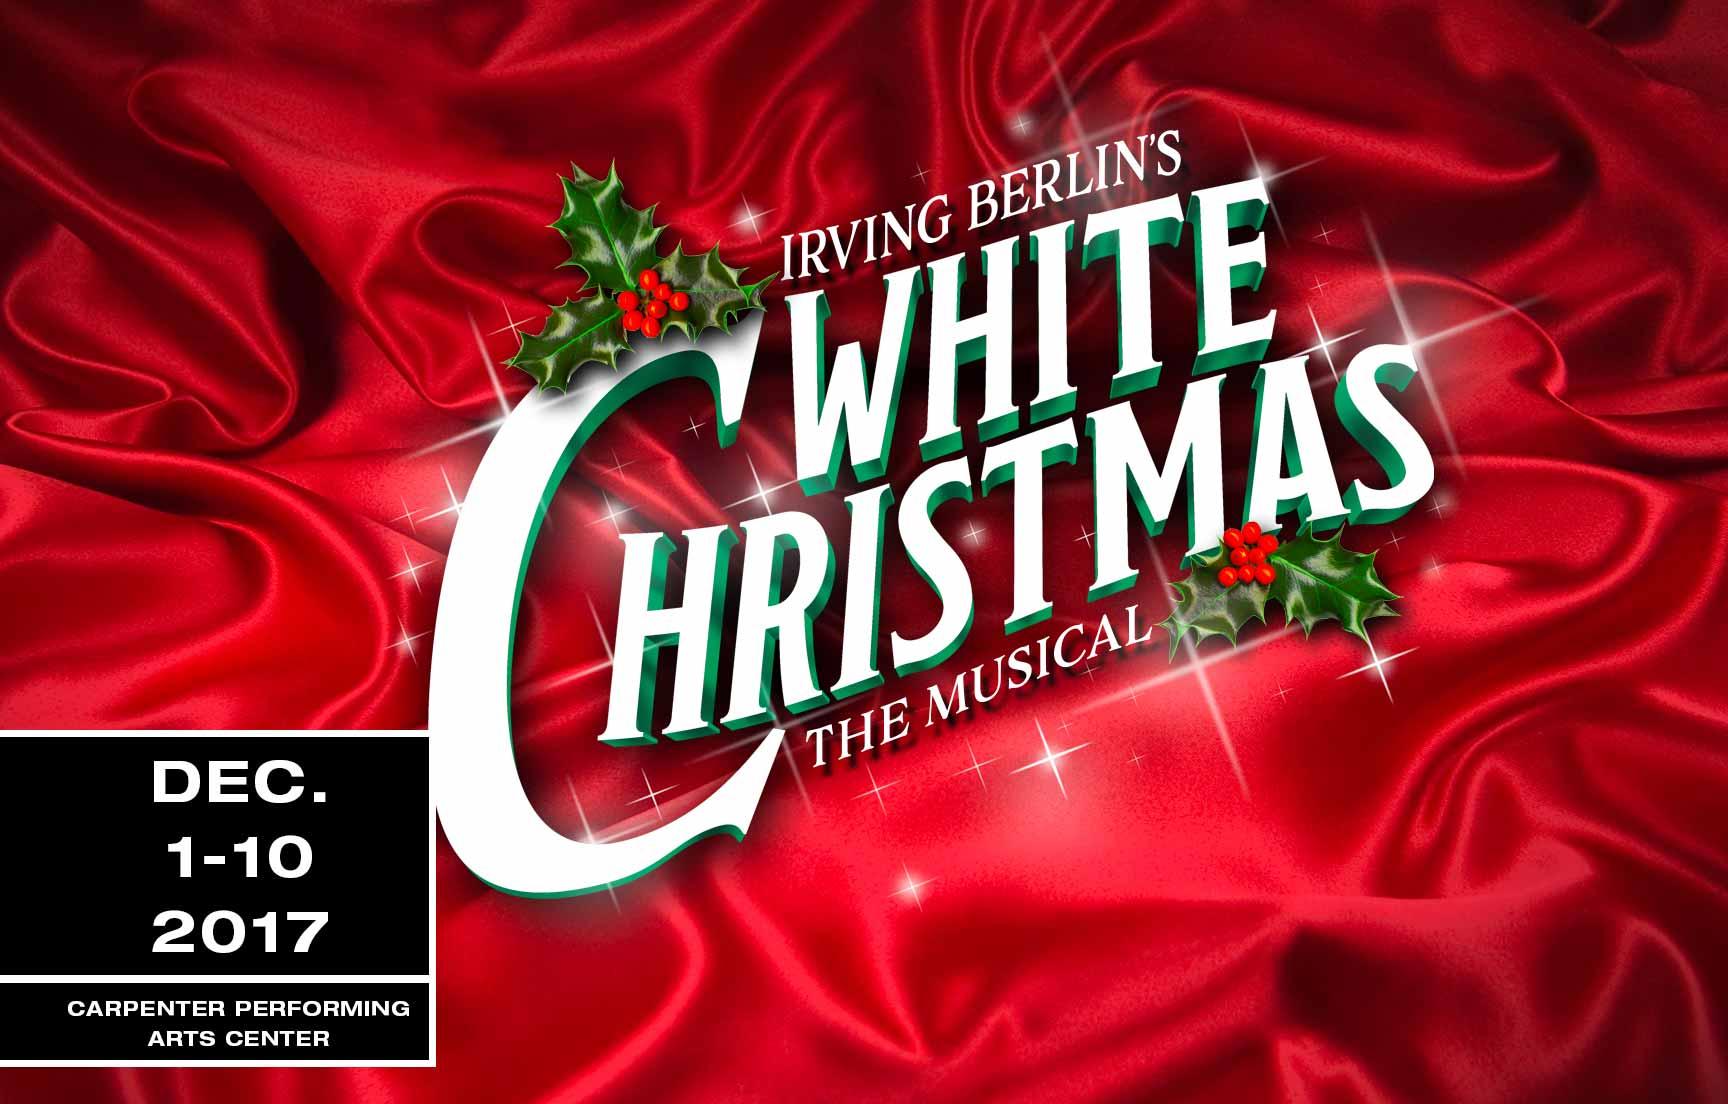 White Christmas Irving Berling.White Christmas Musical Org